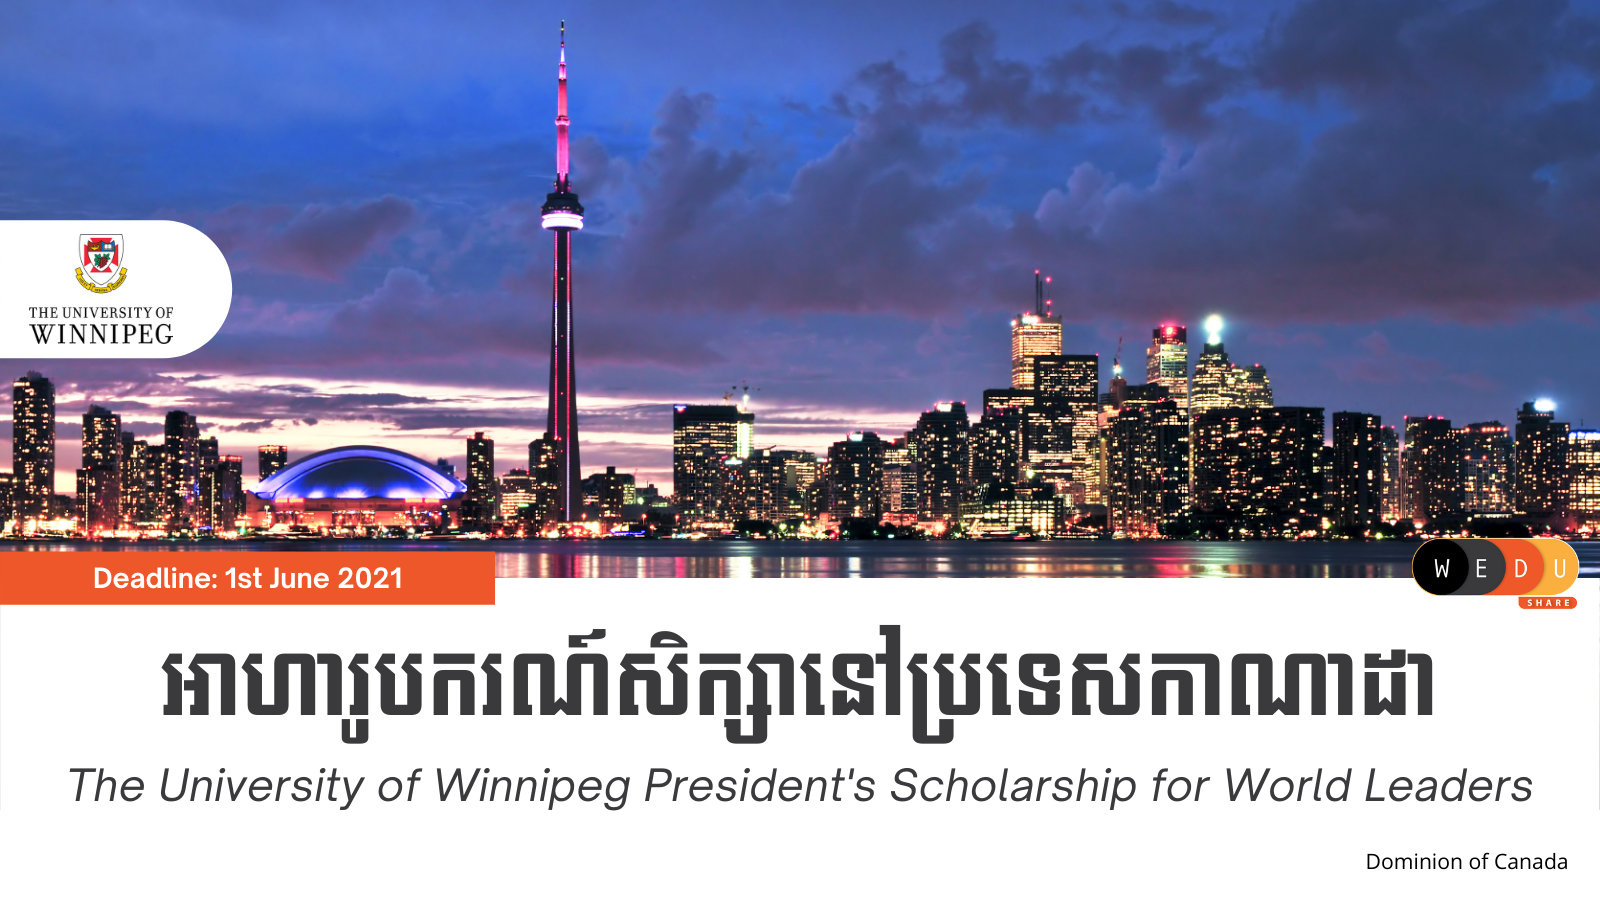 The University of Winnipeg President's Scholarship for World Leaders